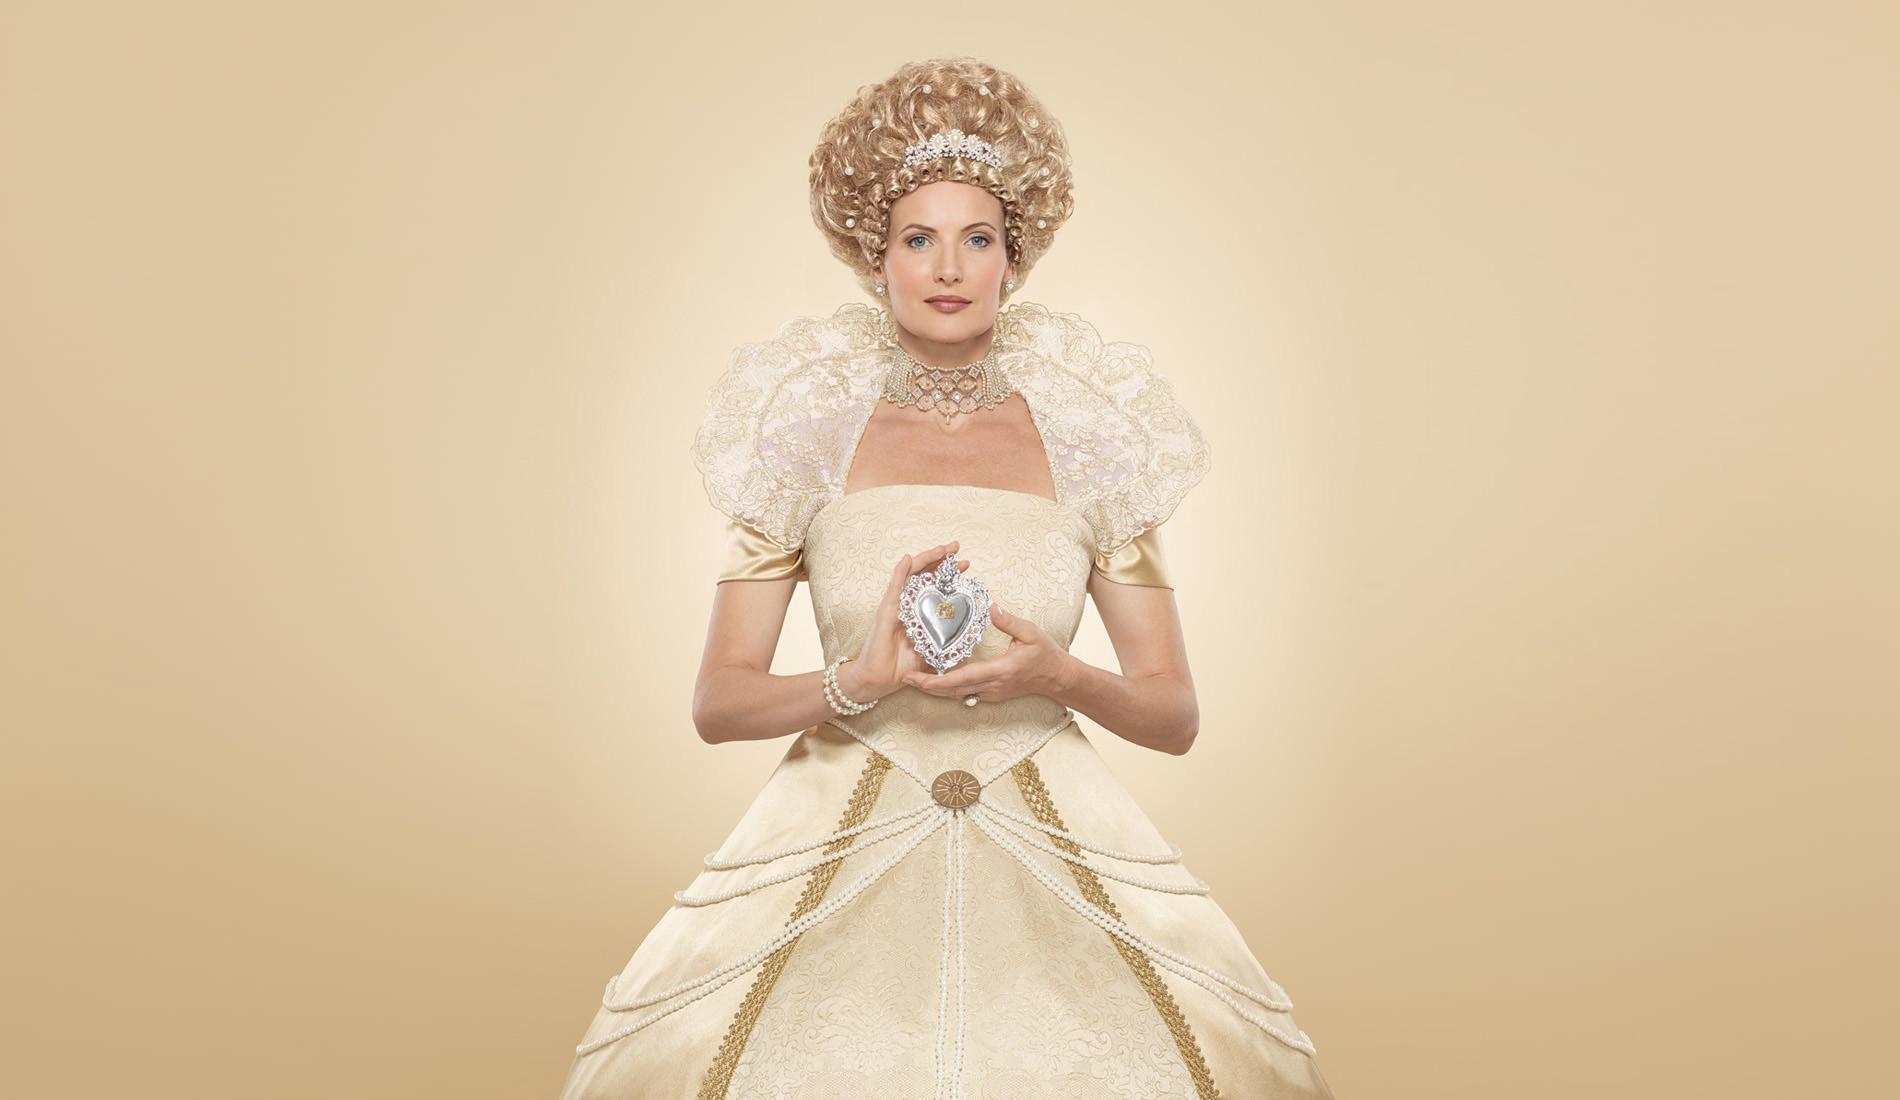 словам картинка белого платья для королевы время него уходило